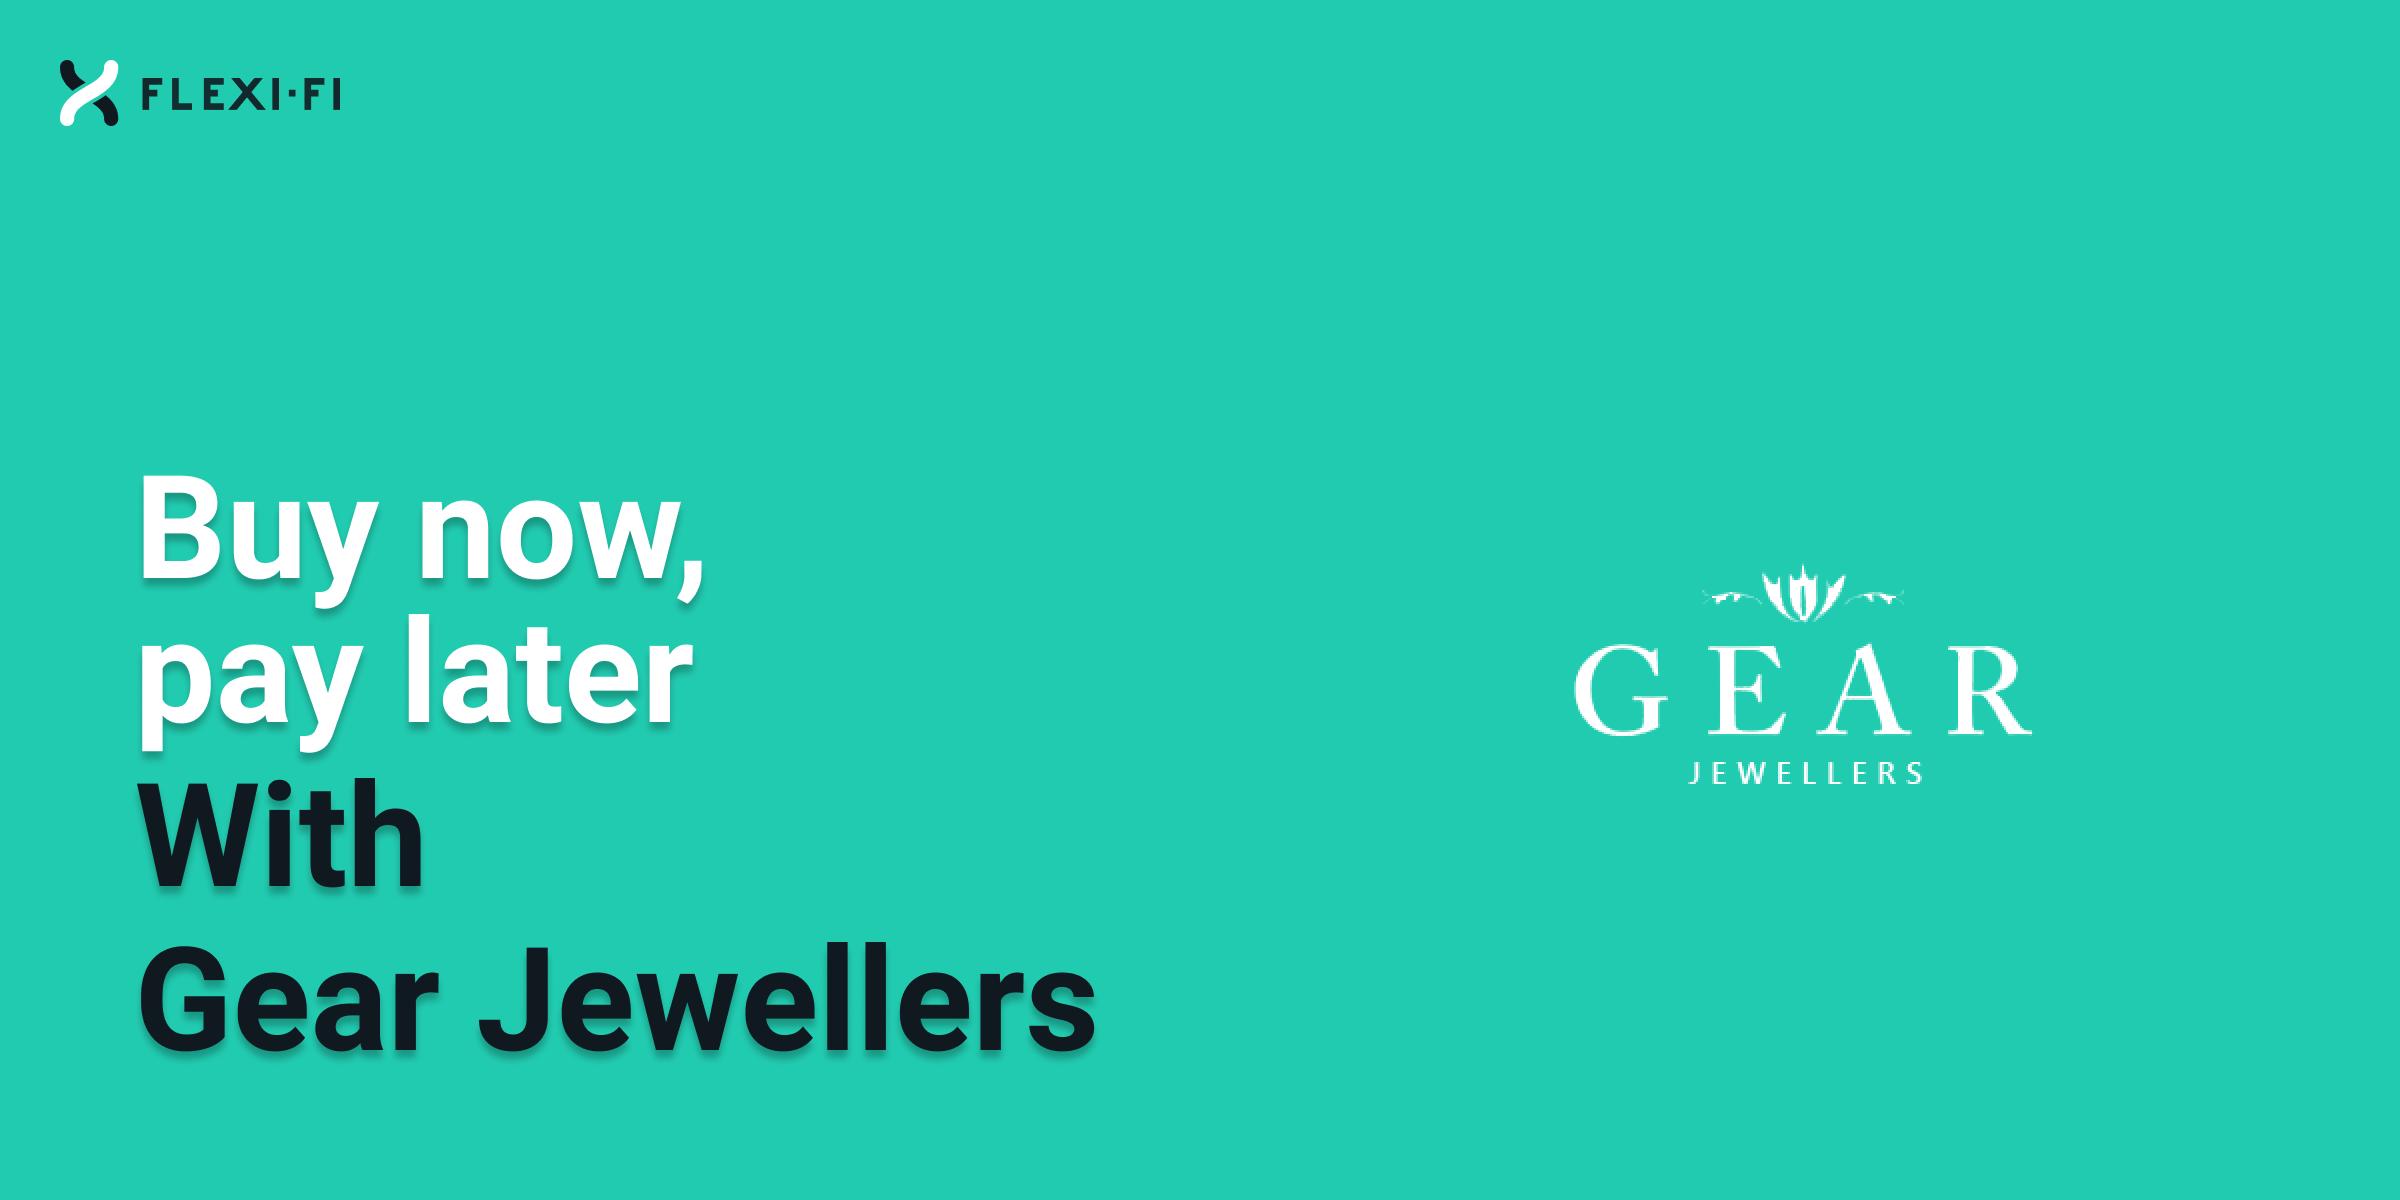 Gear Jewellers 2